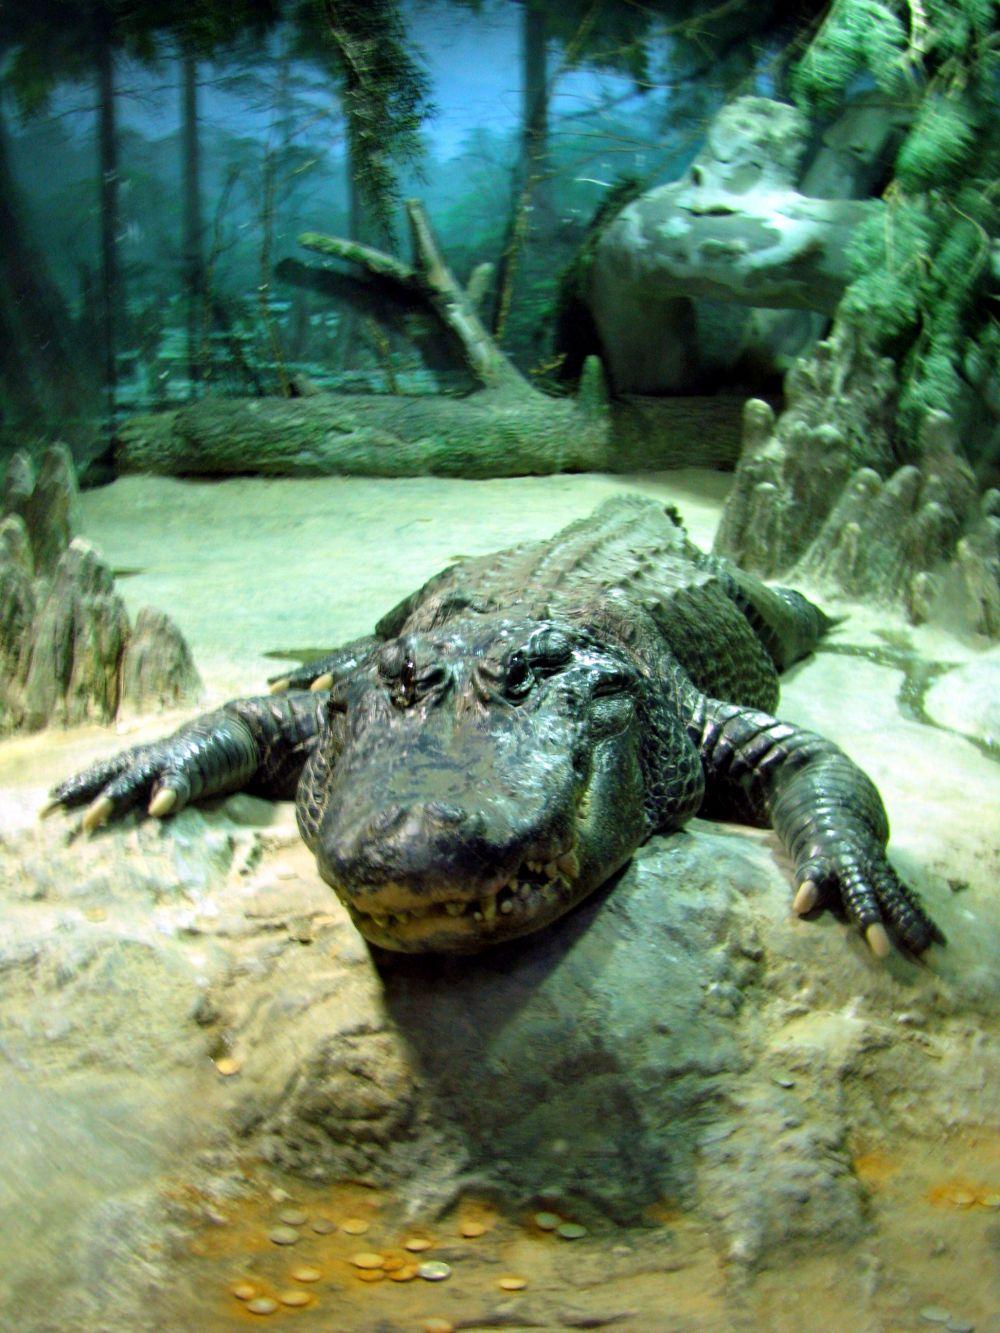 Кроме них на опасных представителей животного мира можно посмотреть в местном террариуме, где обитают аллигаторы.